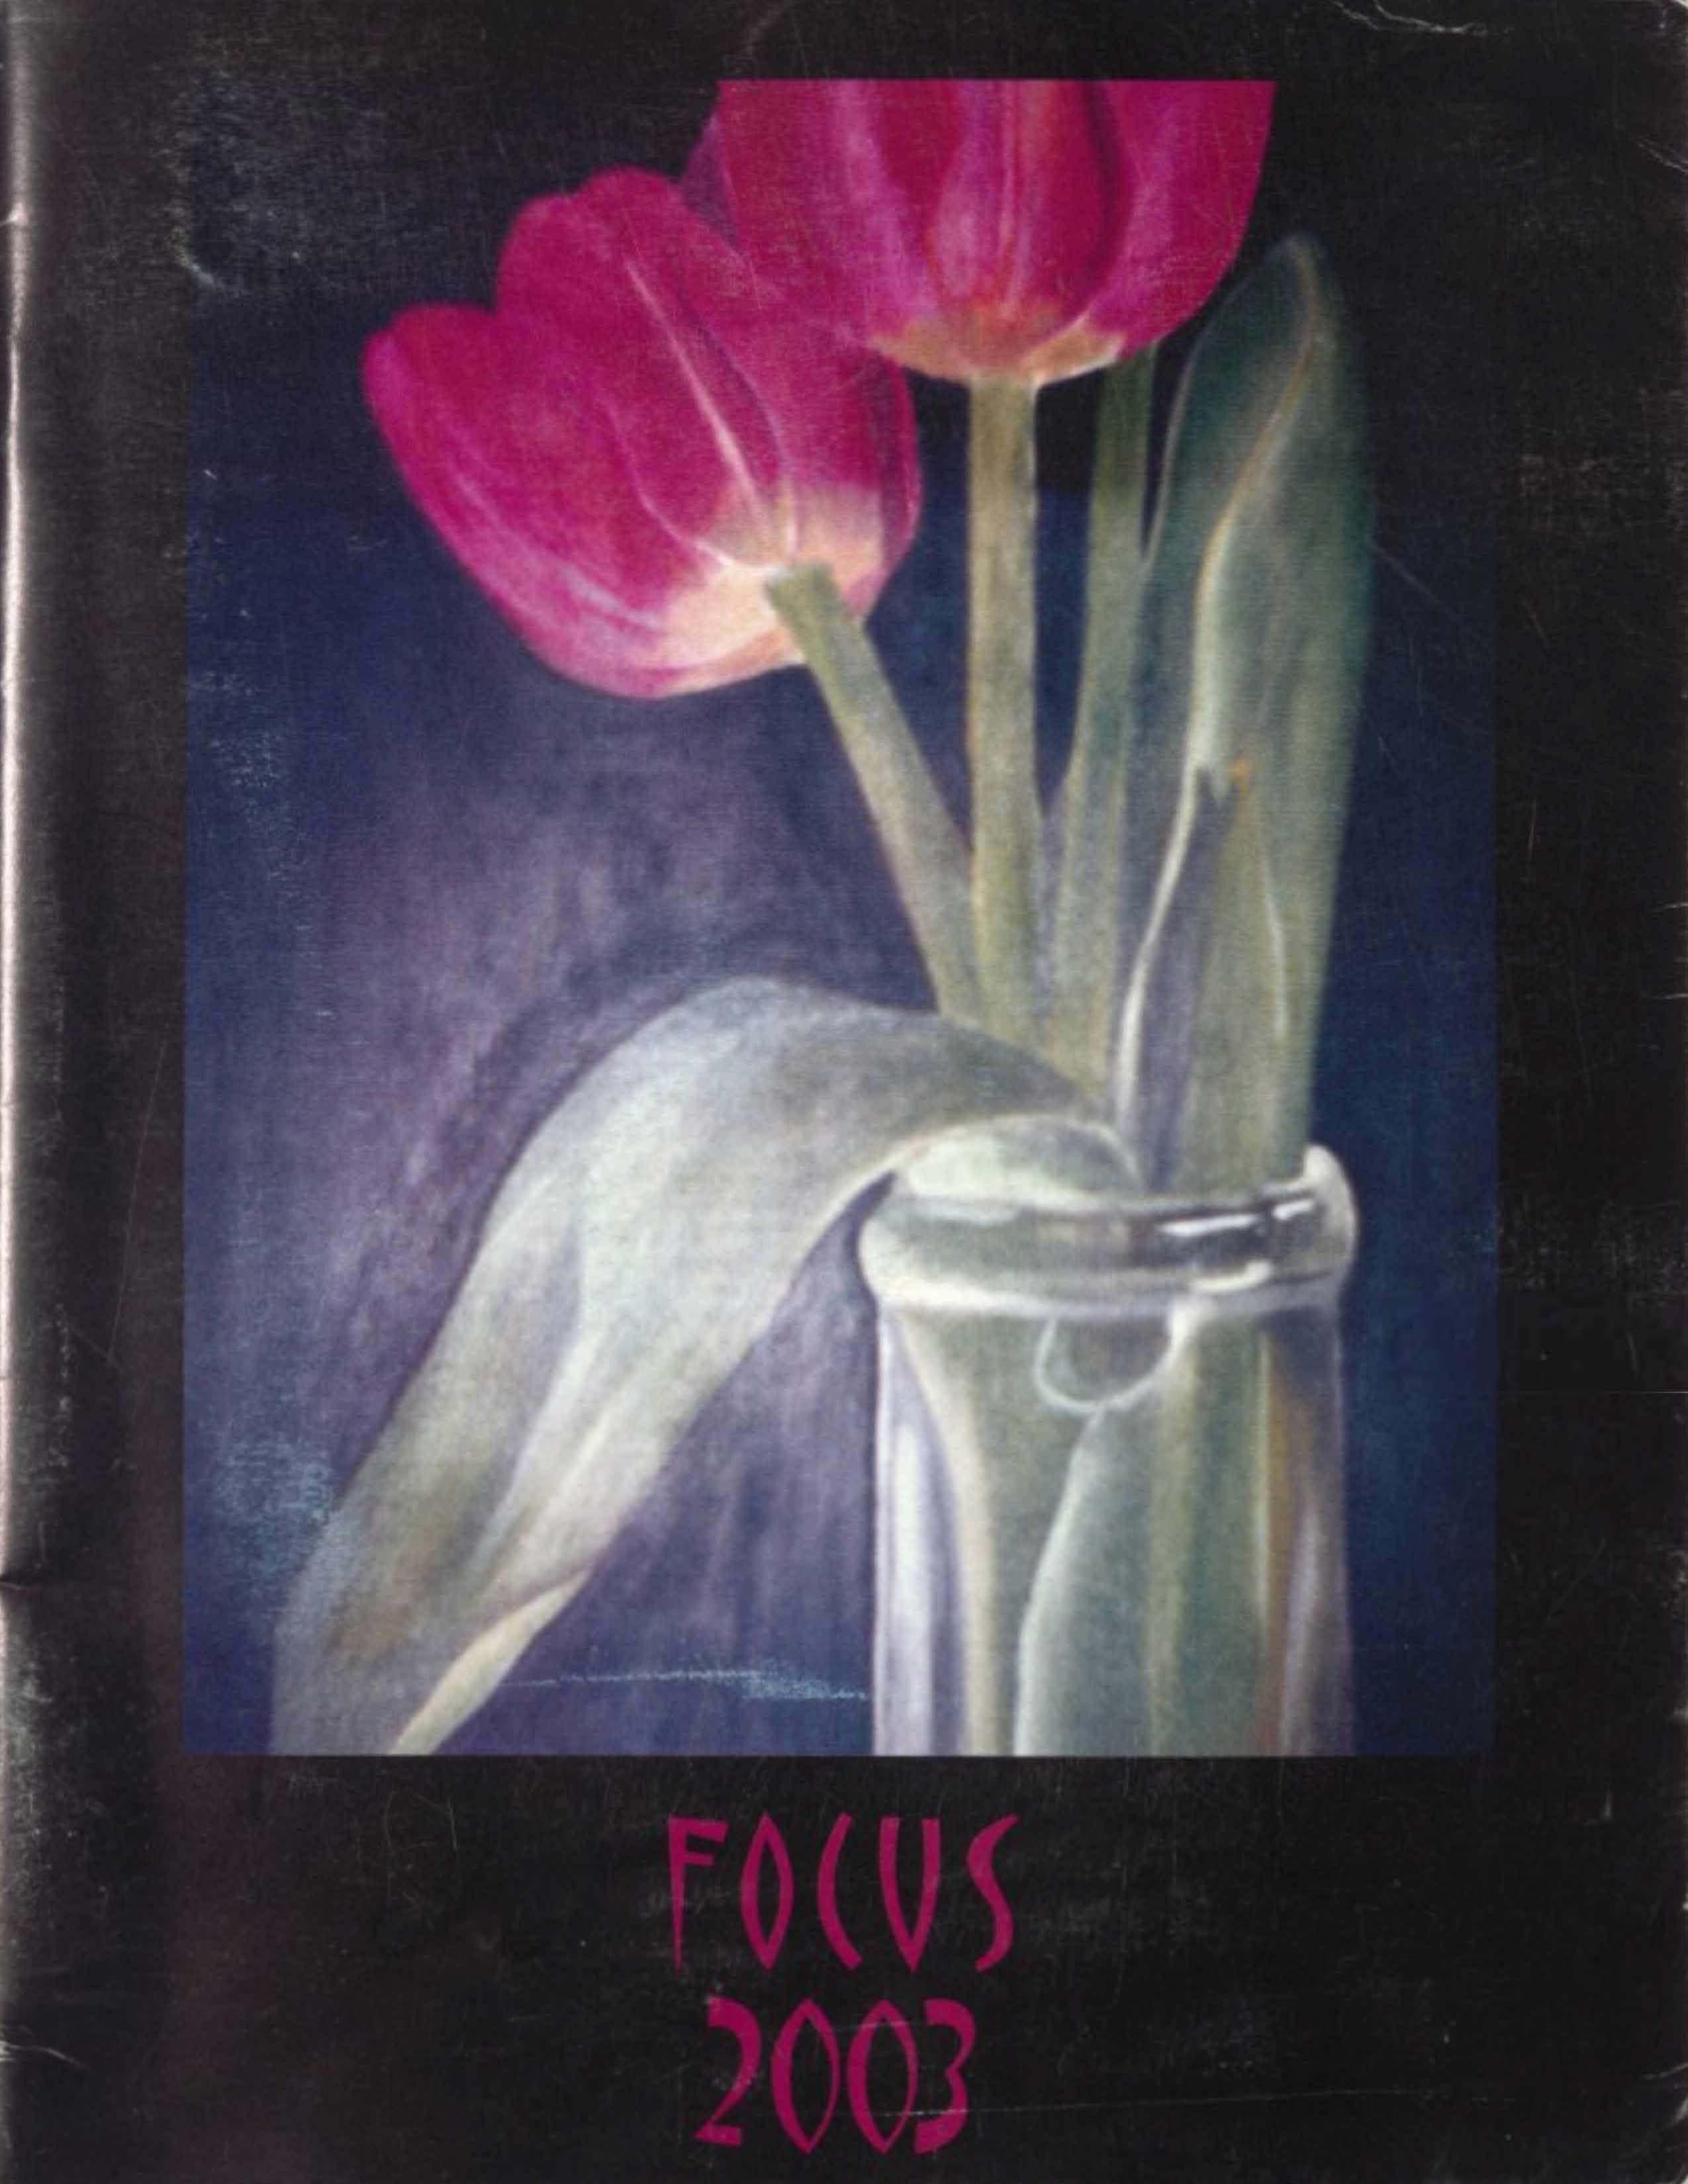 Focus 2003 Cover Image